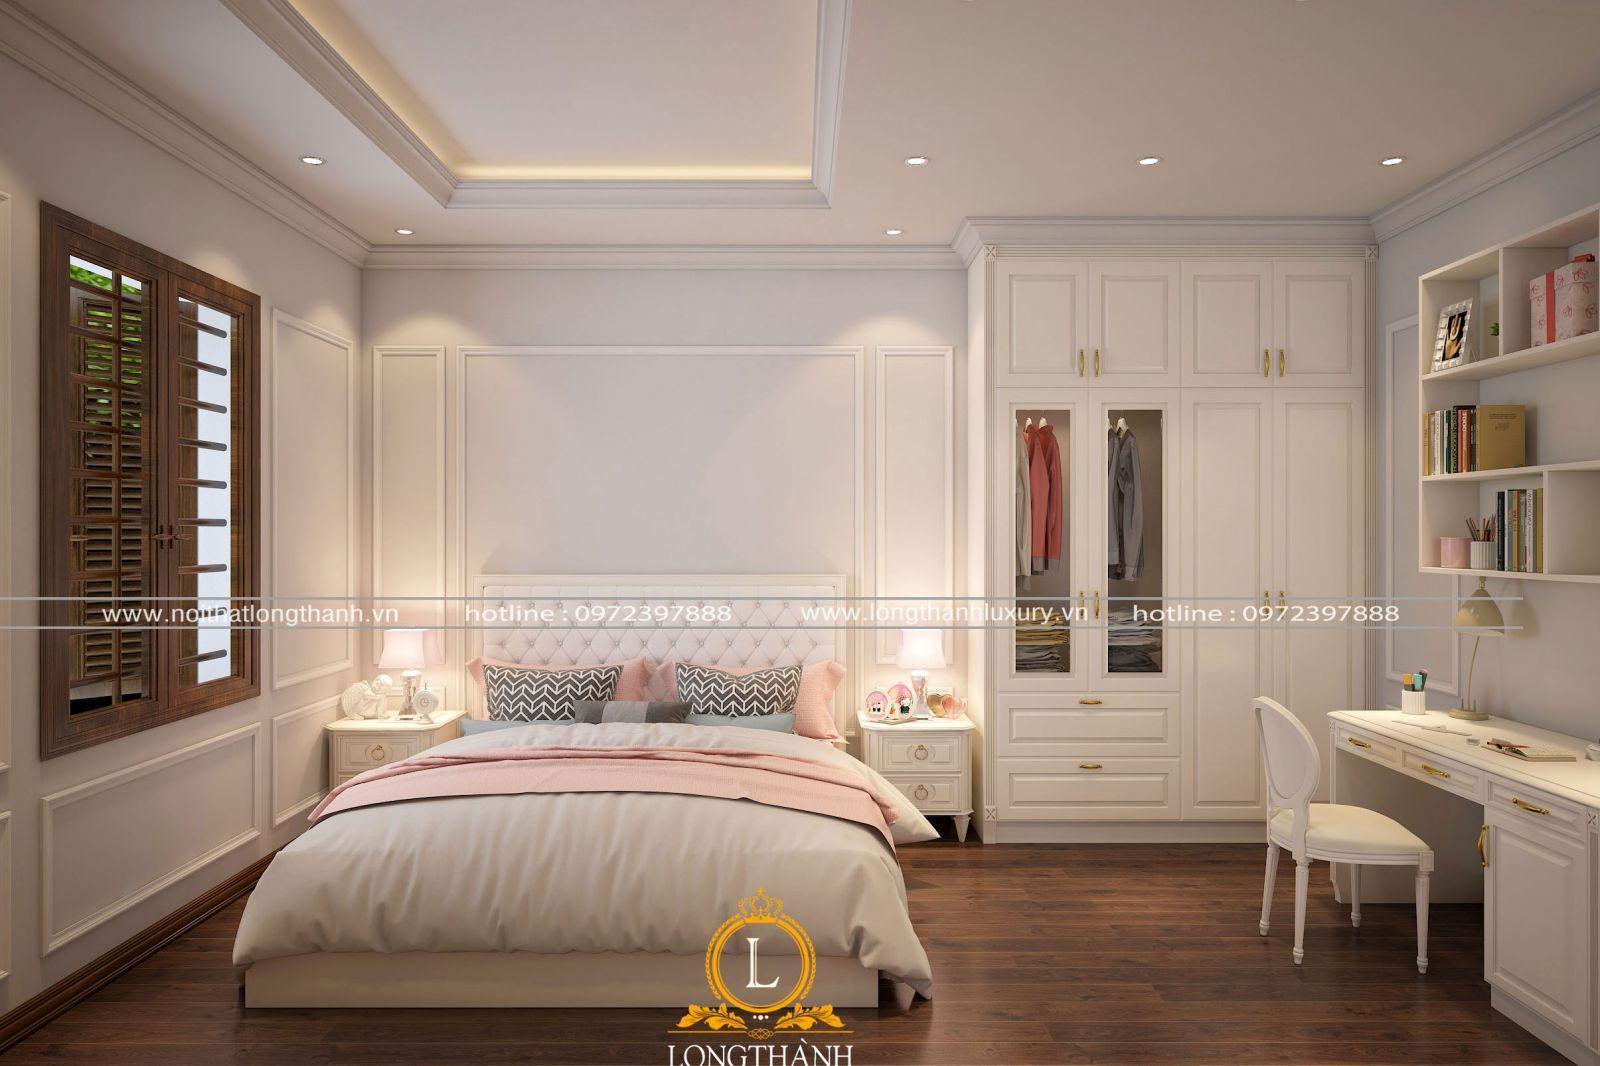 Phòng ngủ đẹp được thiết kế nhẹ nhàng